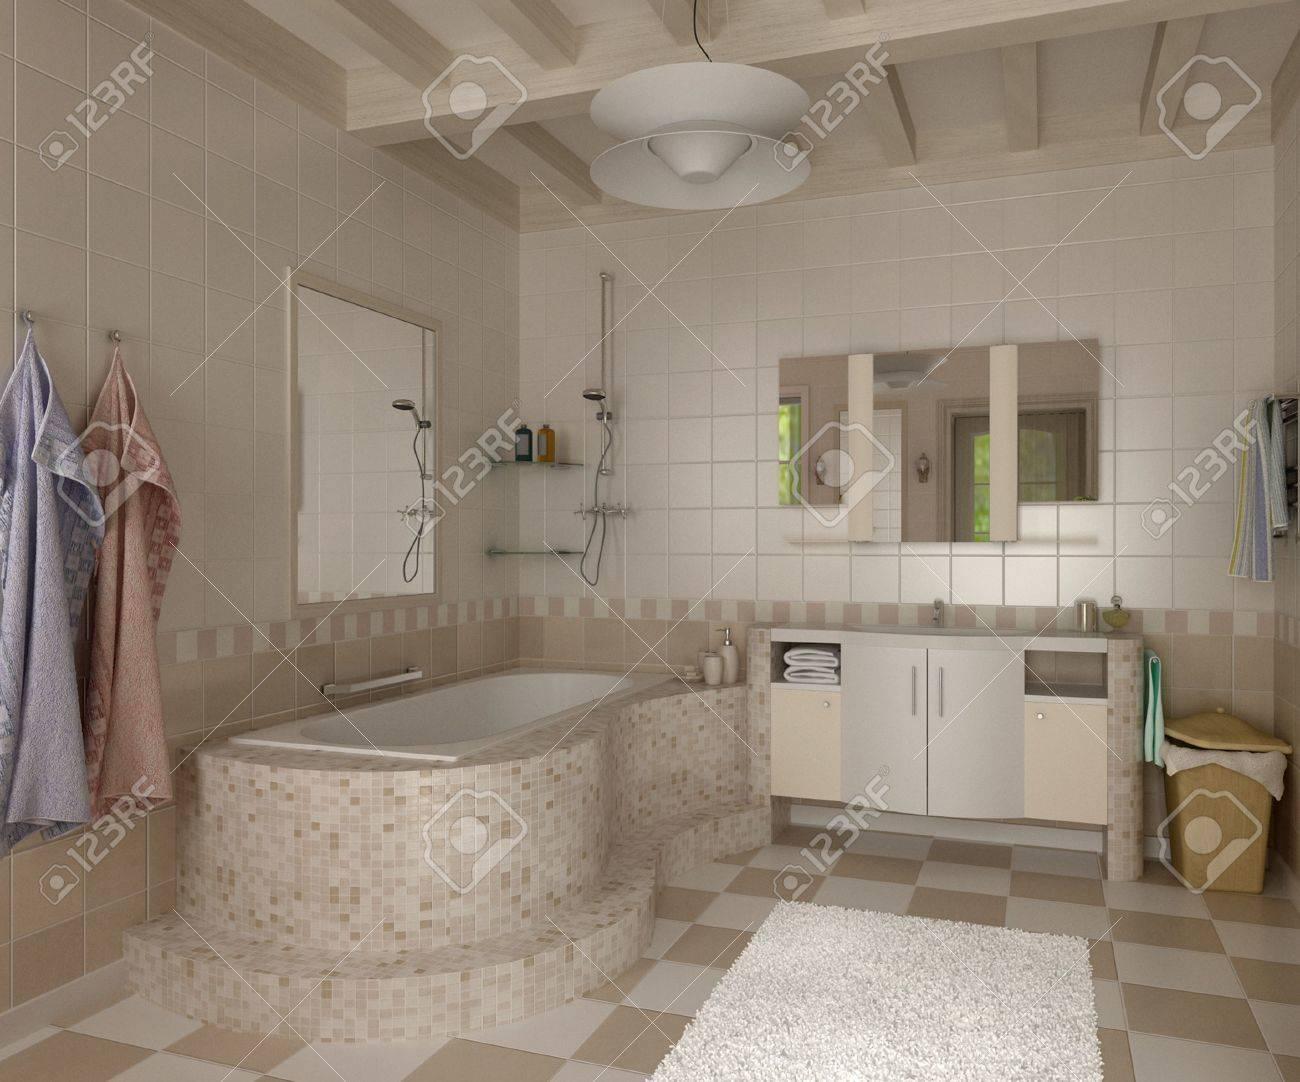 3D Salle De Bain Avec Toilettes Et Douche Dans La Mosaïque Jaune ...